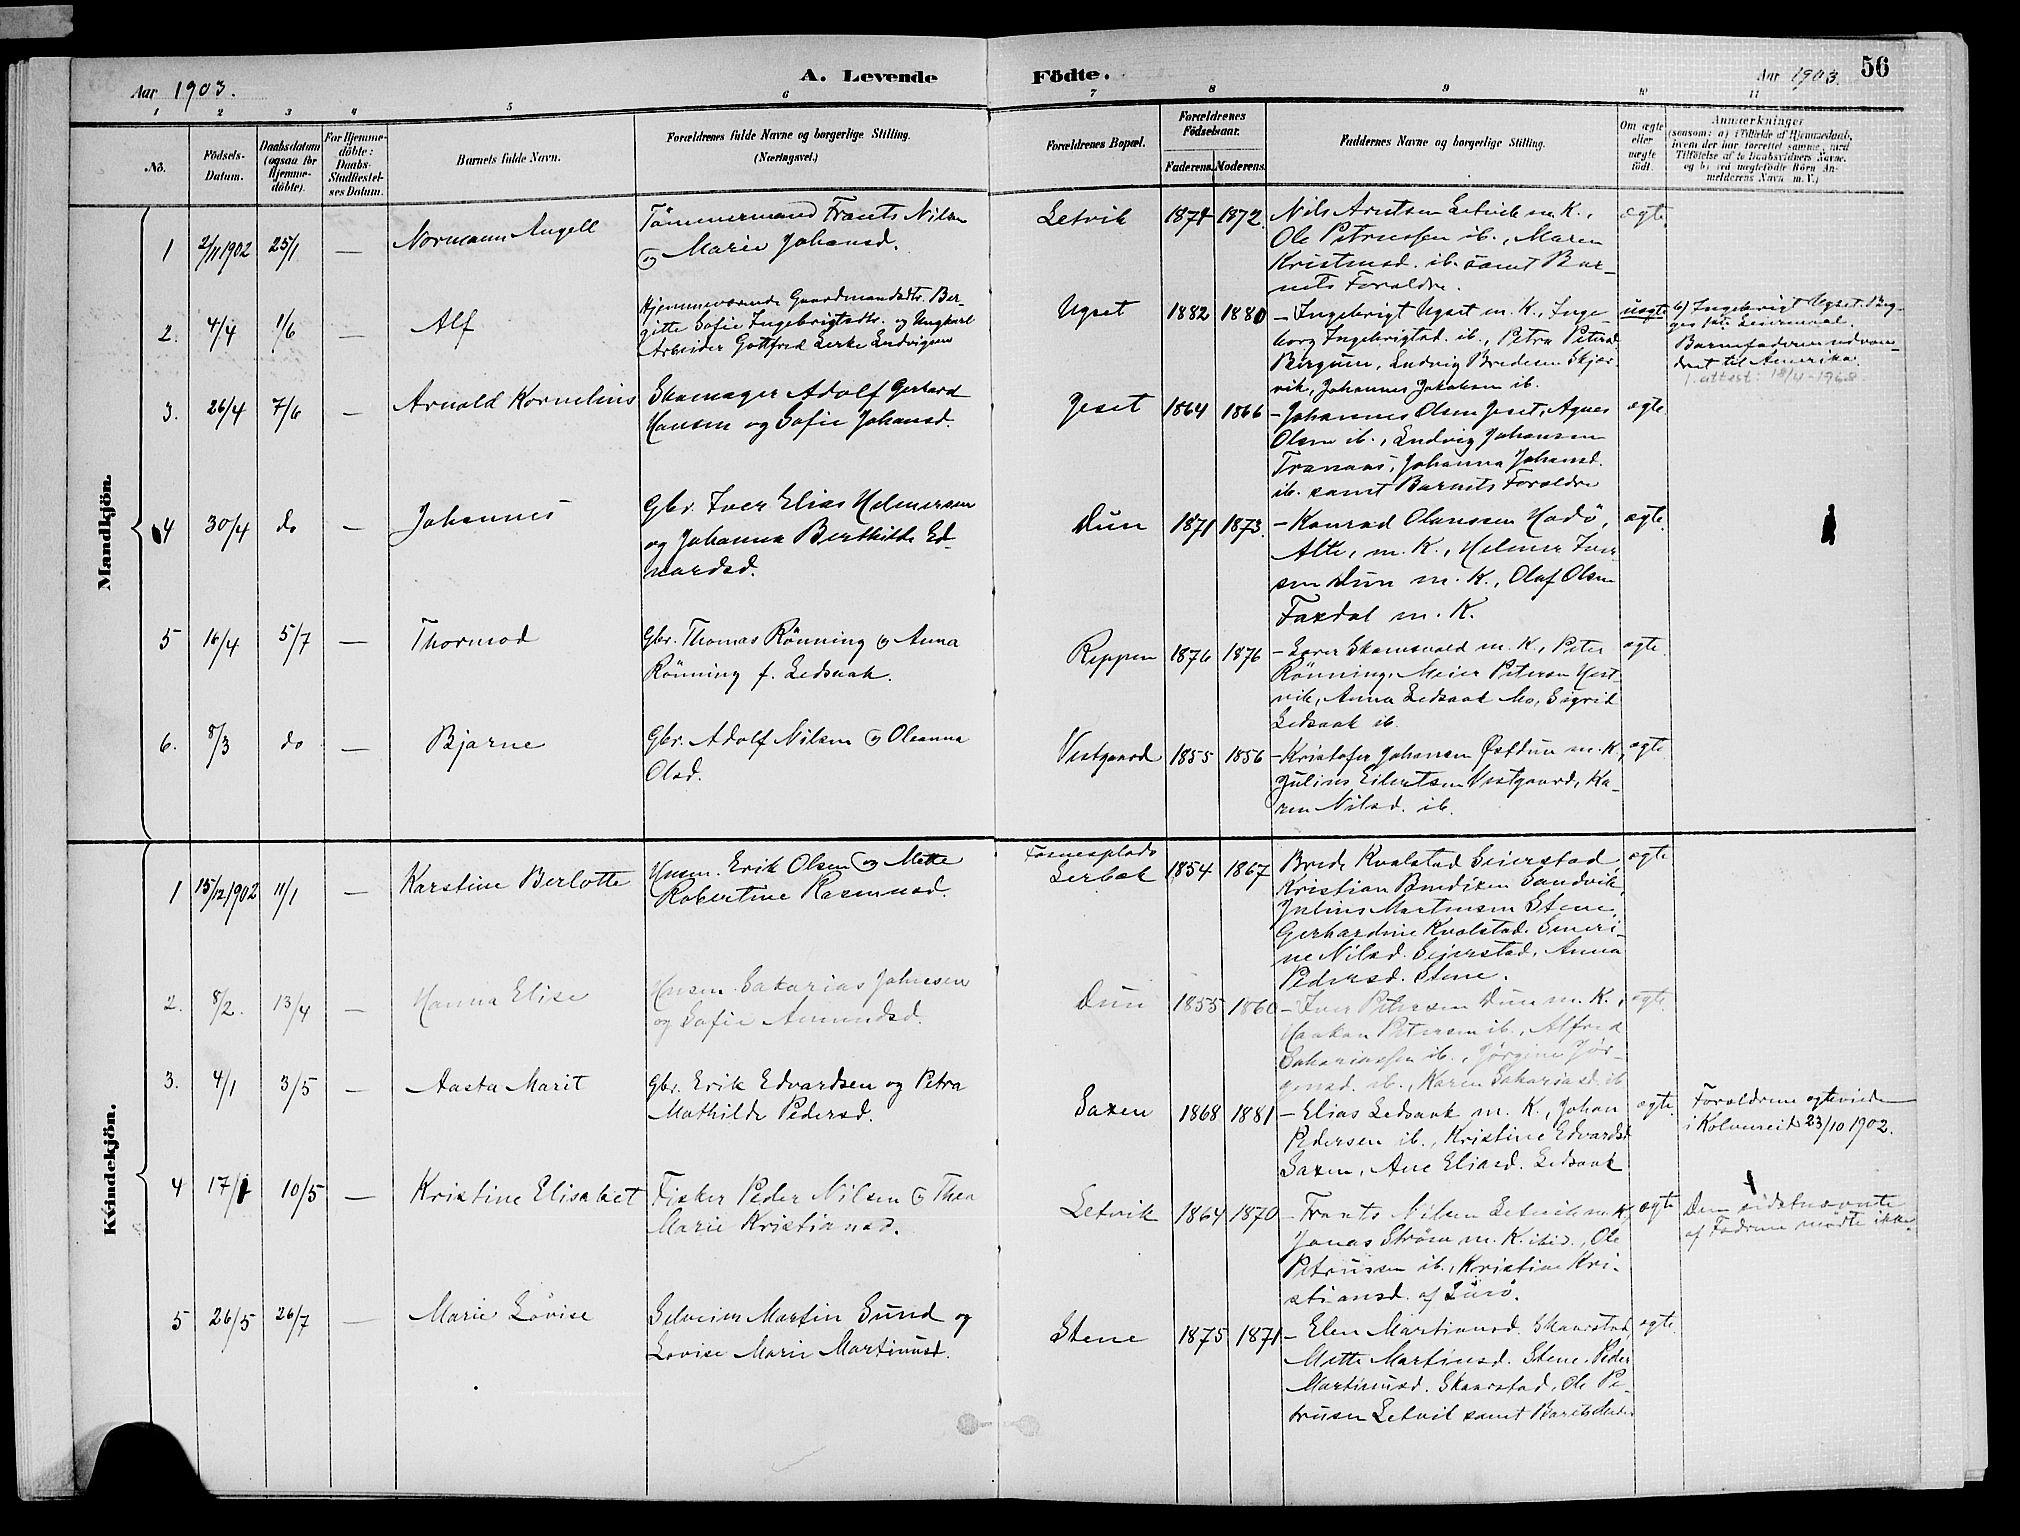 SAT, Ministerialprotokoller, klokkerbøker og fødselsregistre - Nord-Trøndelag, 773/L0617: Ministerialbok nr. 773A08, 1887-1910, s. 56